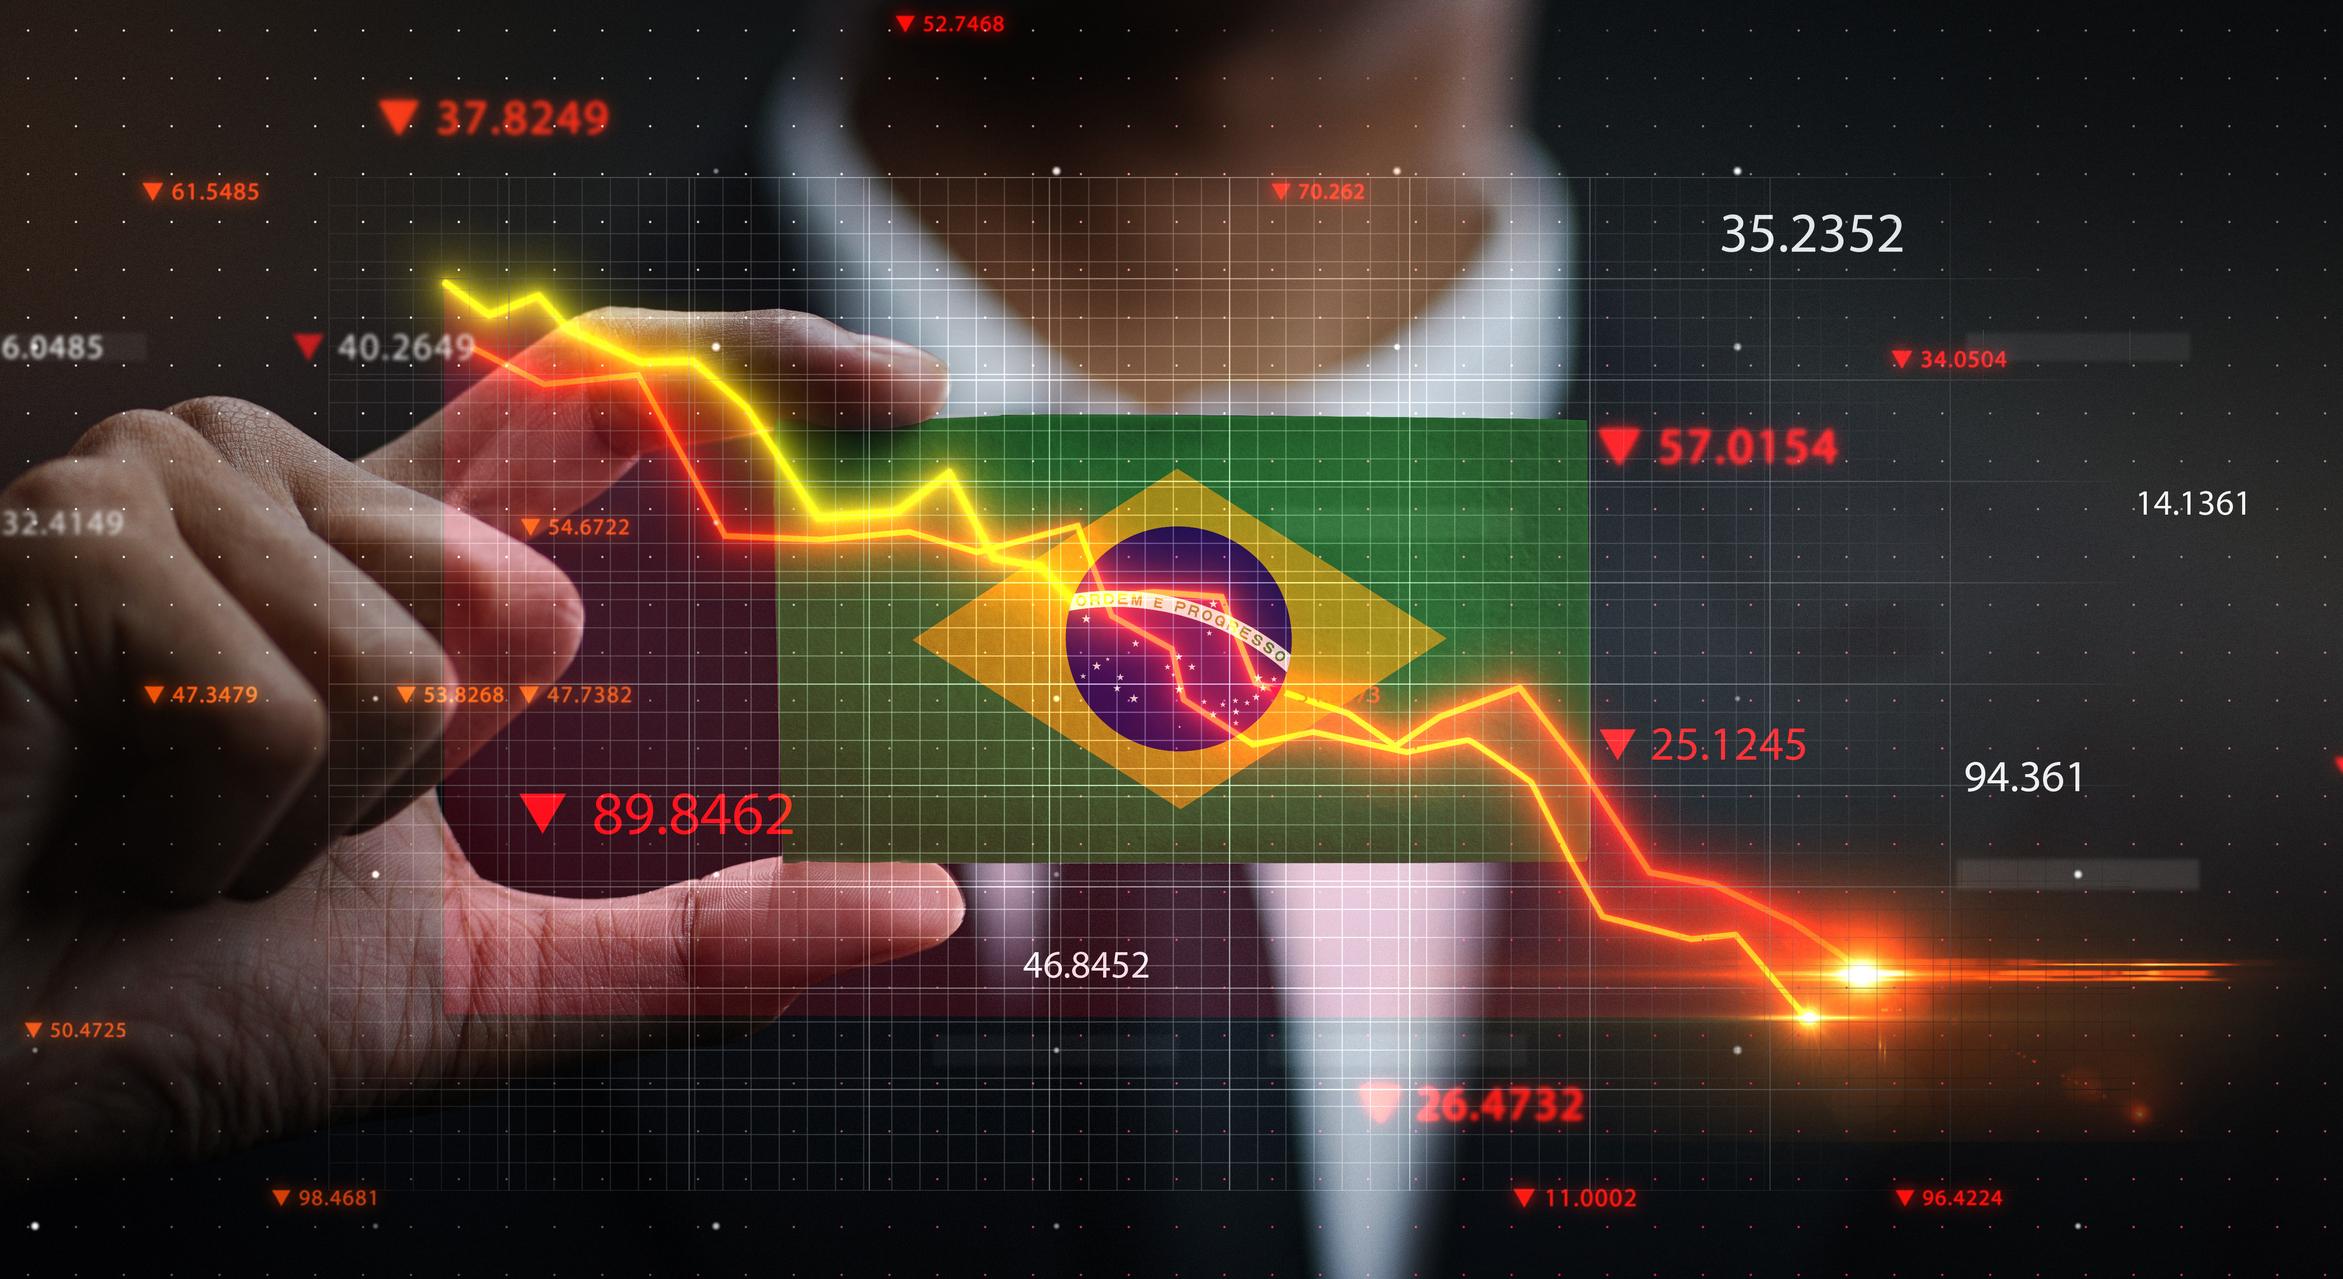 XP Asset vê dólar como hedge e diz estar sem posição em juros por falta de visibilidade fiscal thumbnail